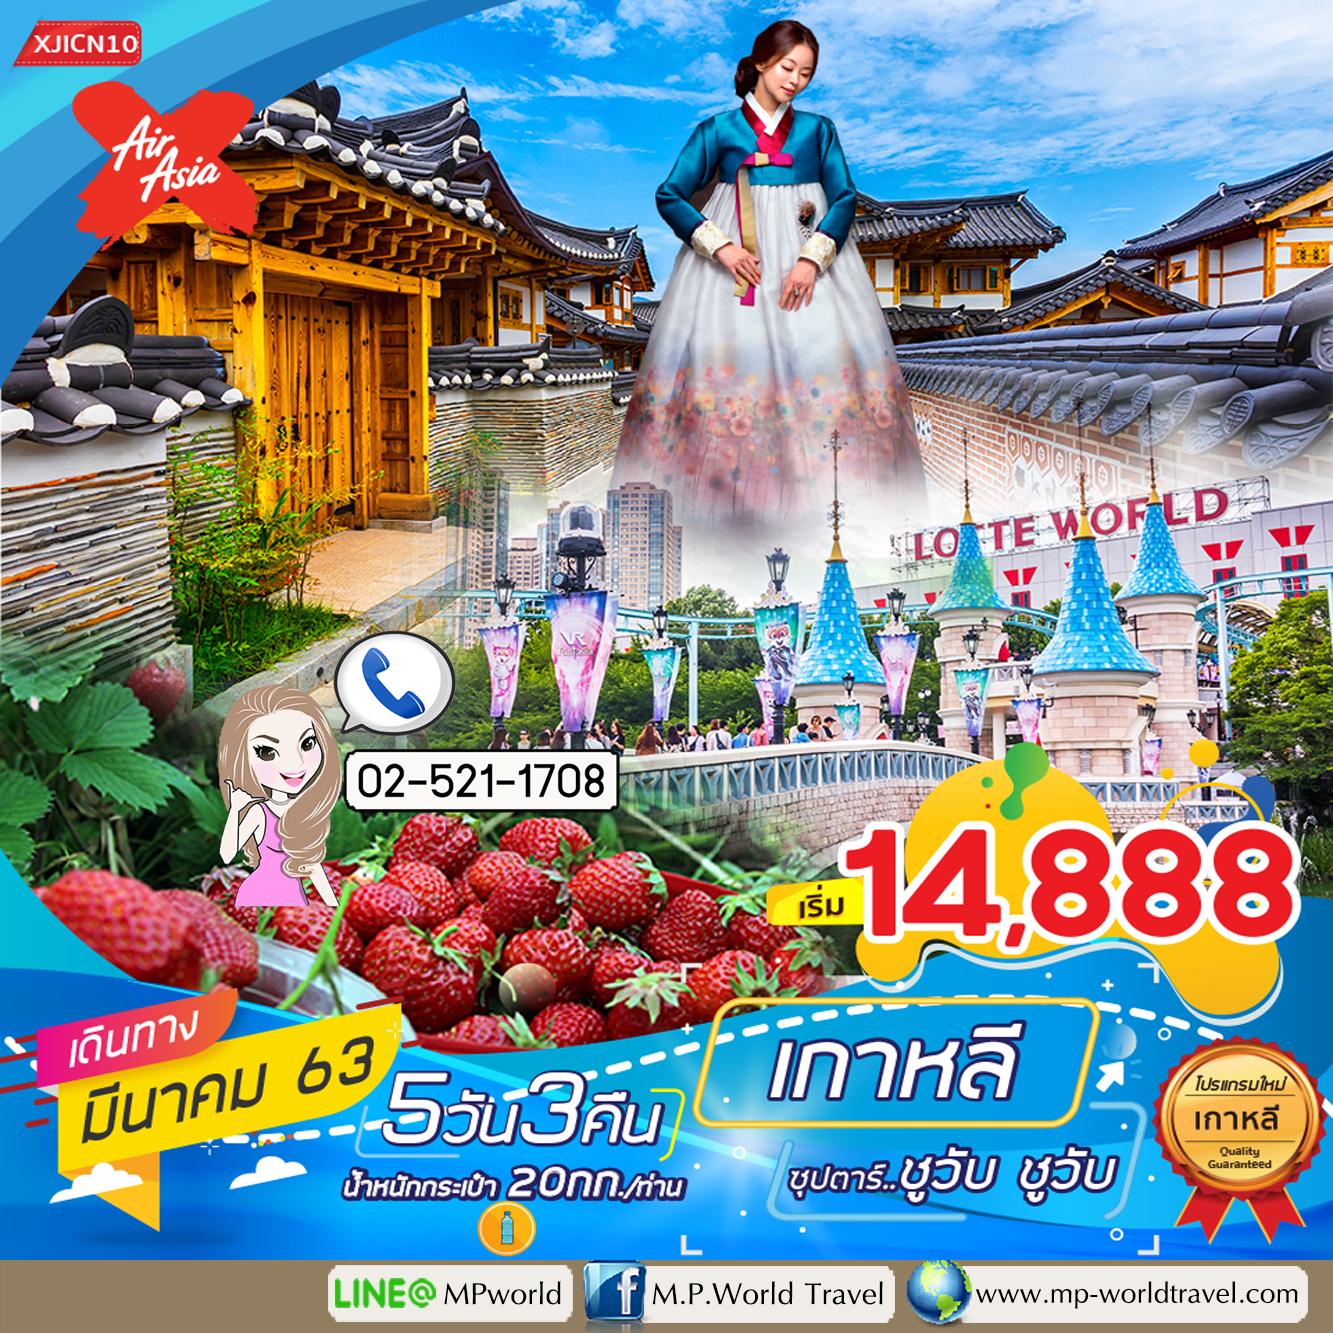 ทัวร์เกาหลี สวนสนุกล๊อตเต้เวิลด์ 5 วัน 3 คืน  ซุปตาร์...ชูวับ ชูวับ